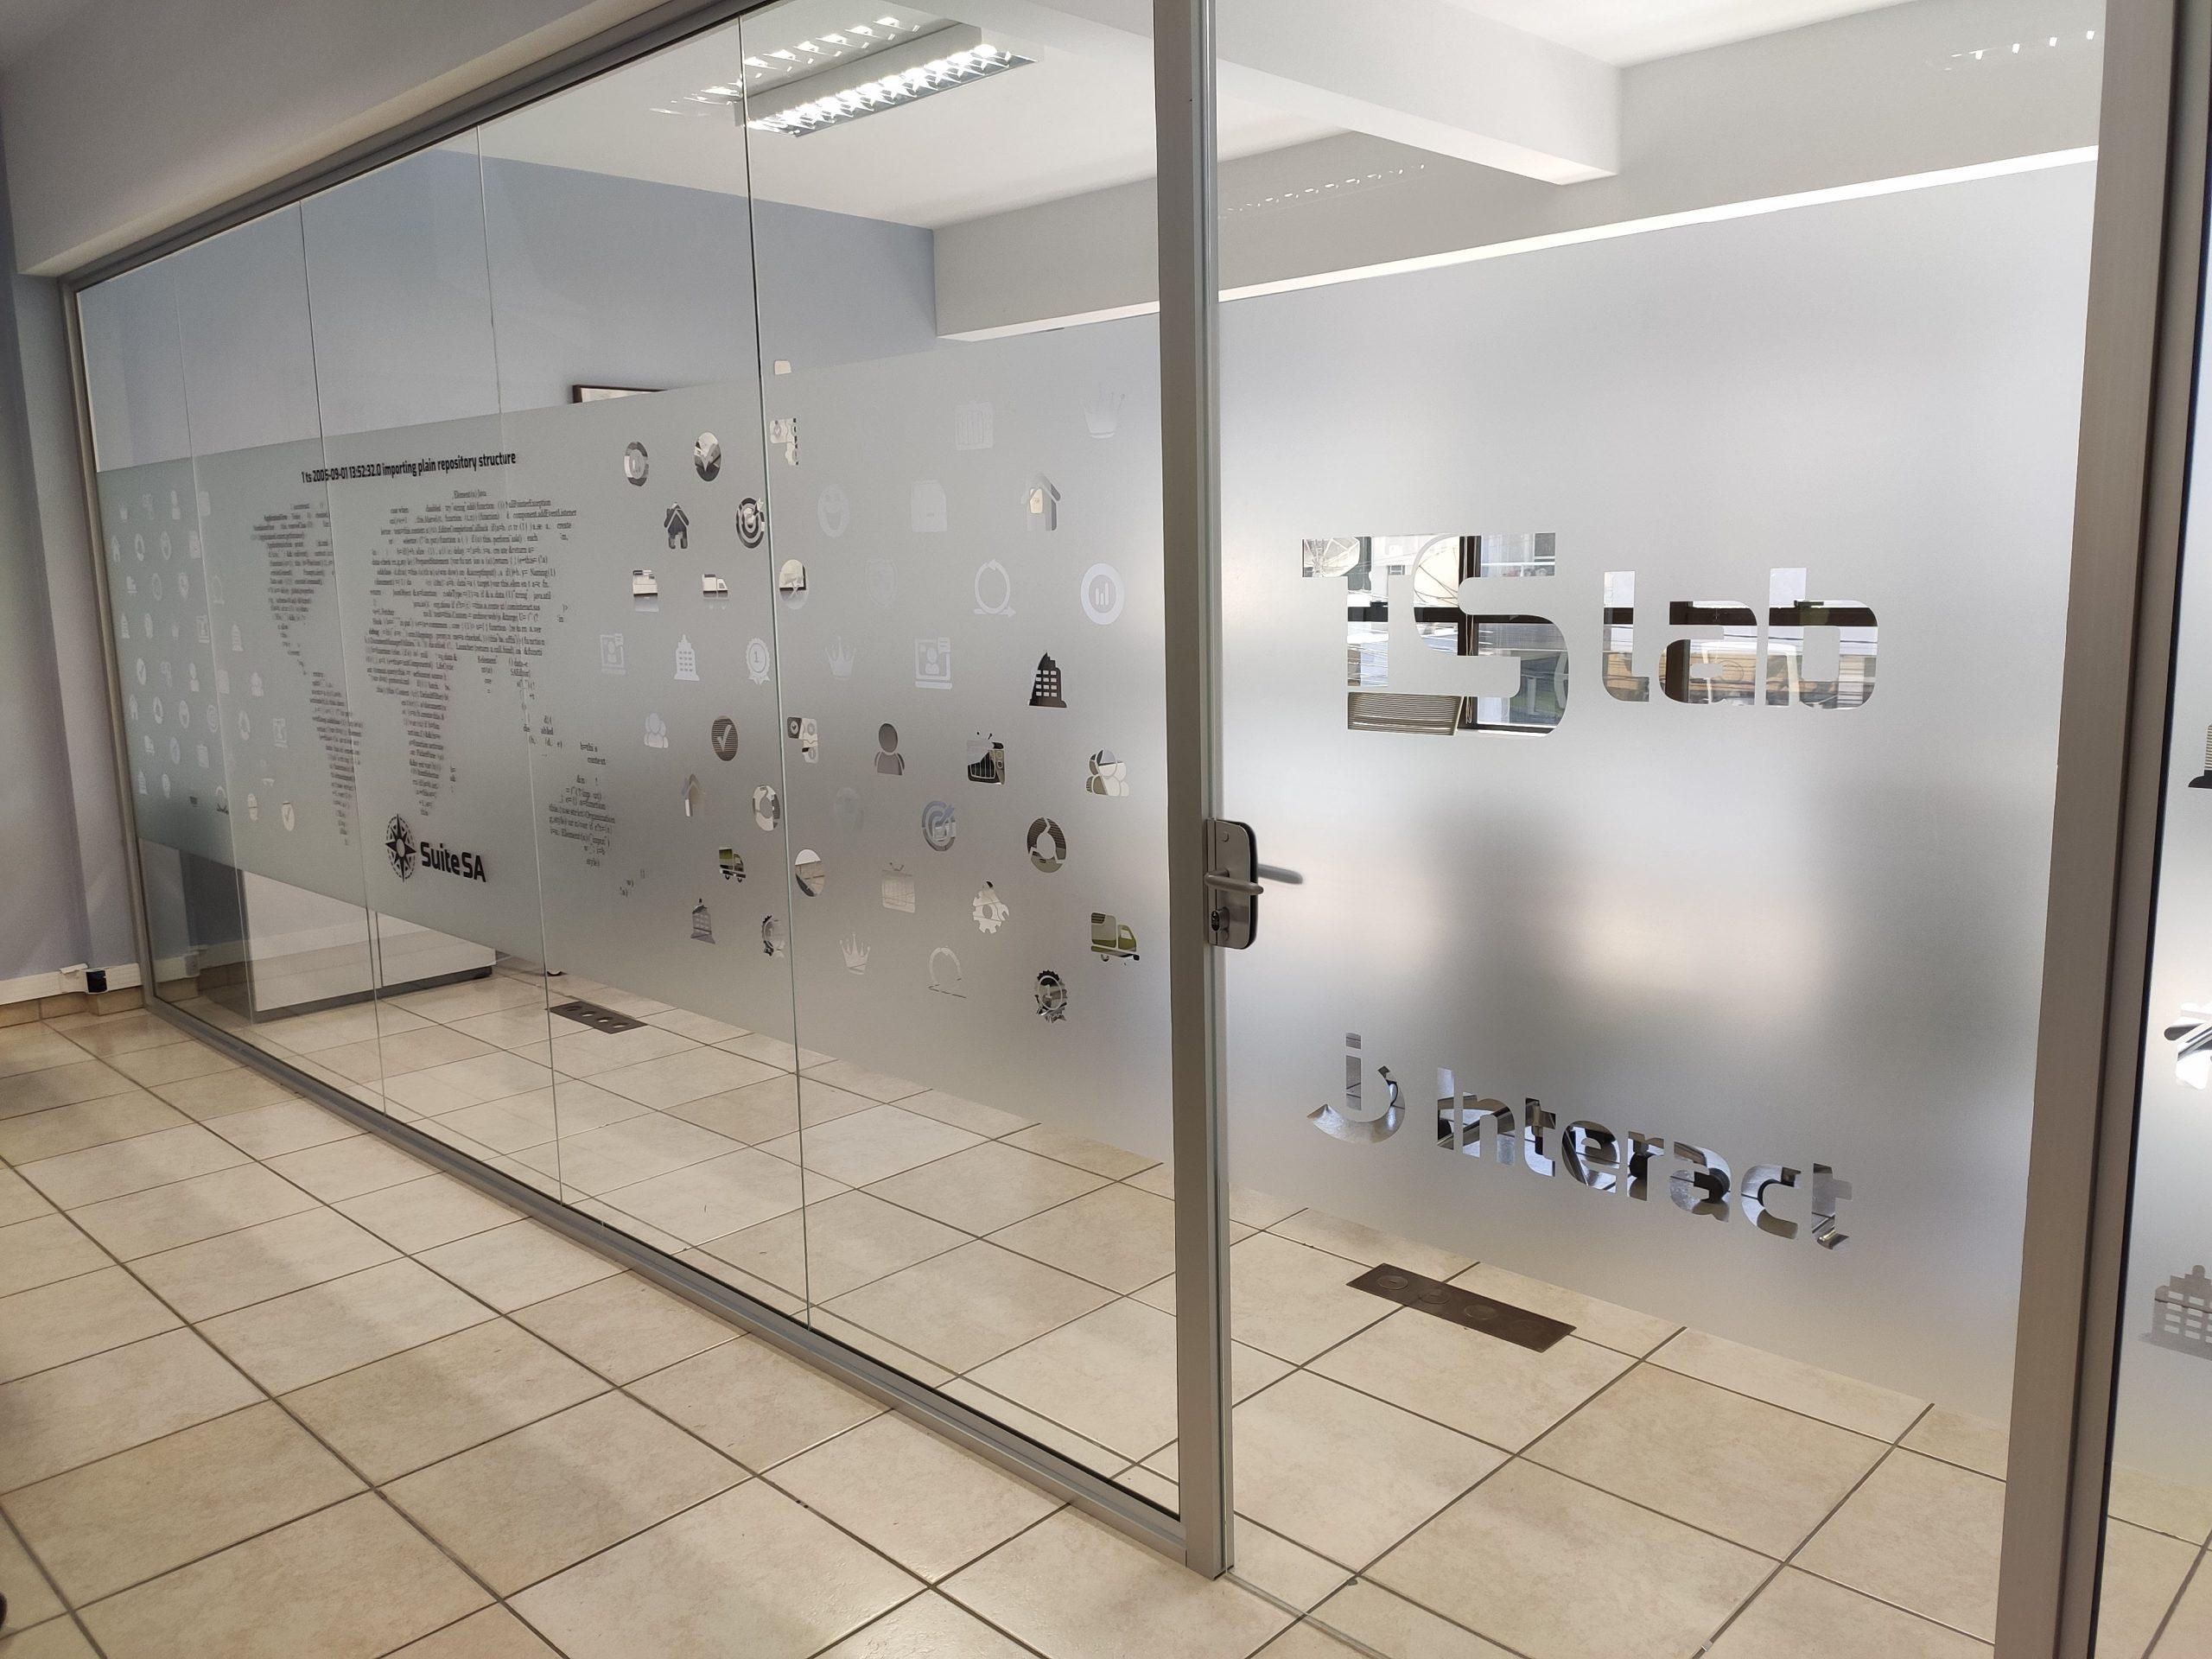 Fotografia da fachada do TS Lab